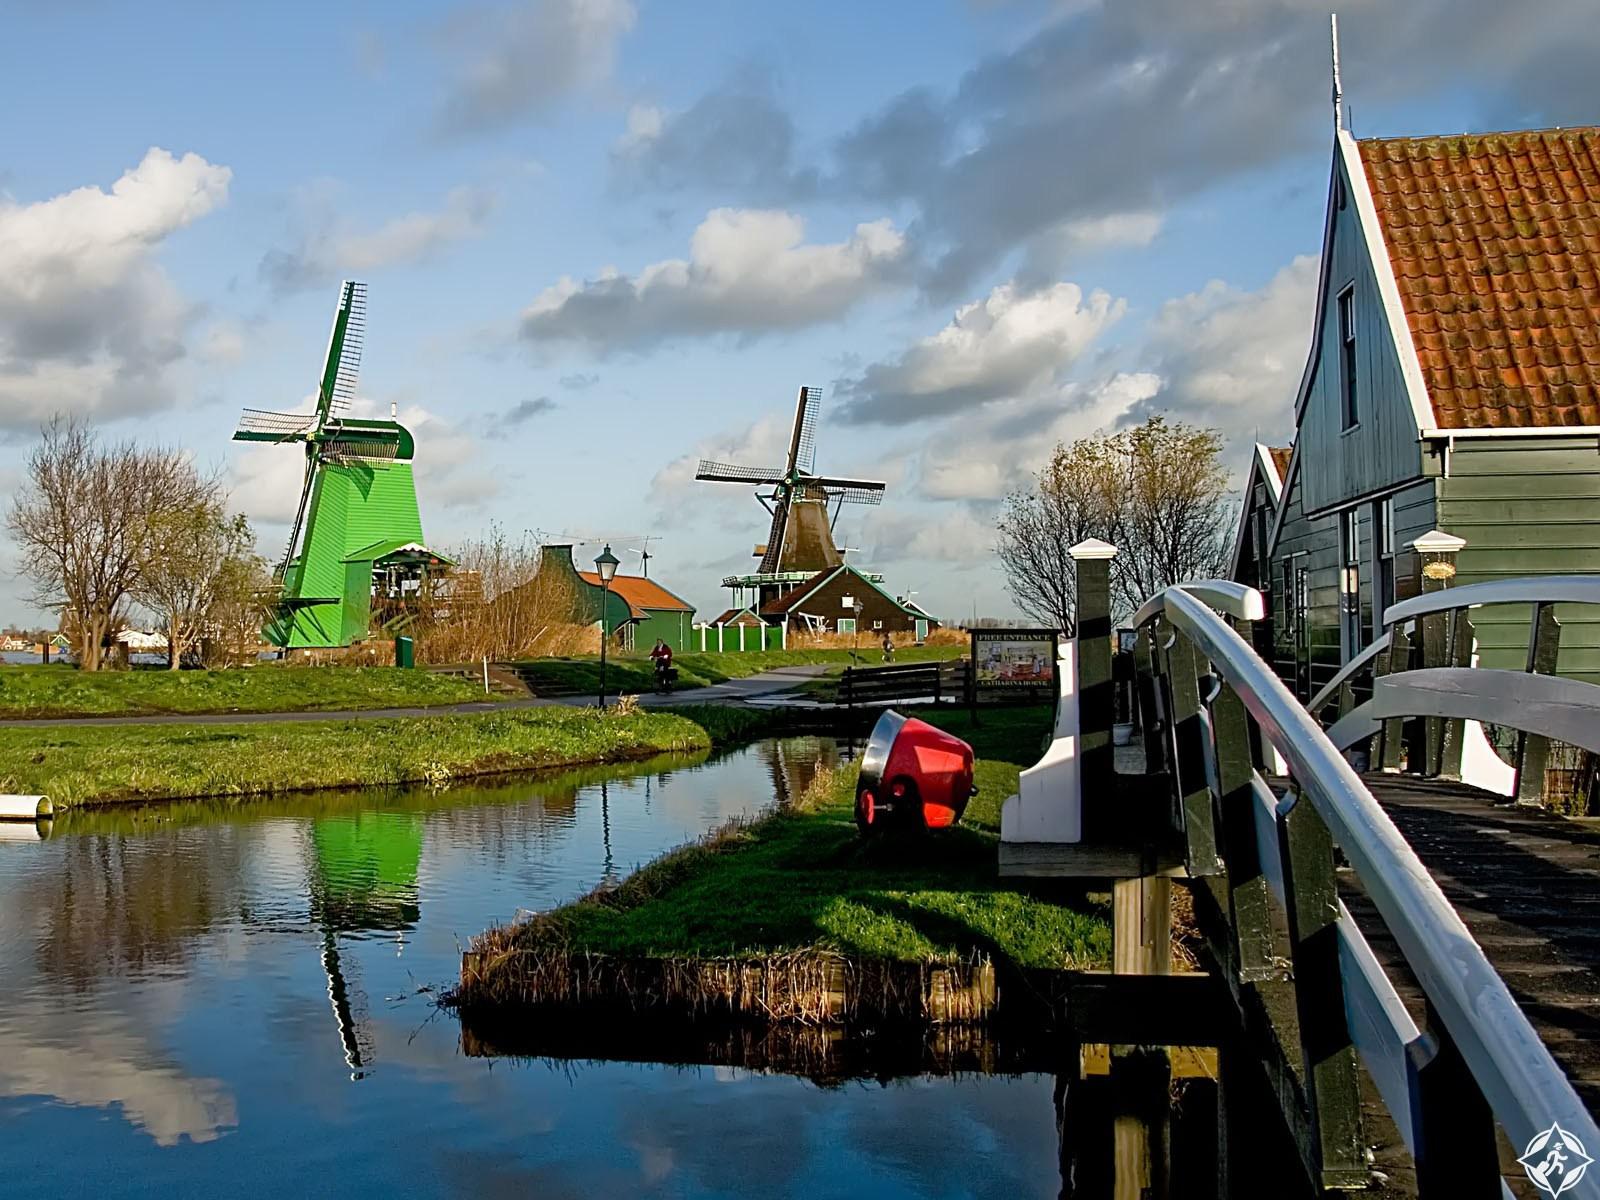 بالفيديو والصور ..  رحلة إلى الأسطورة الهولندية ..  شانس زانسي